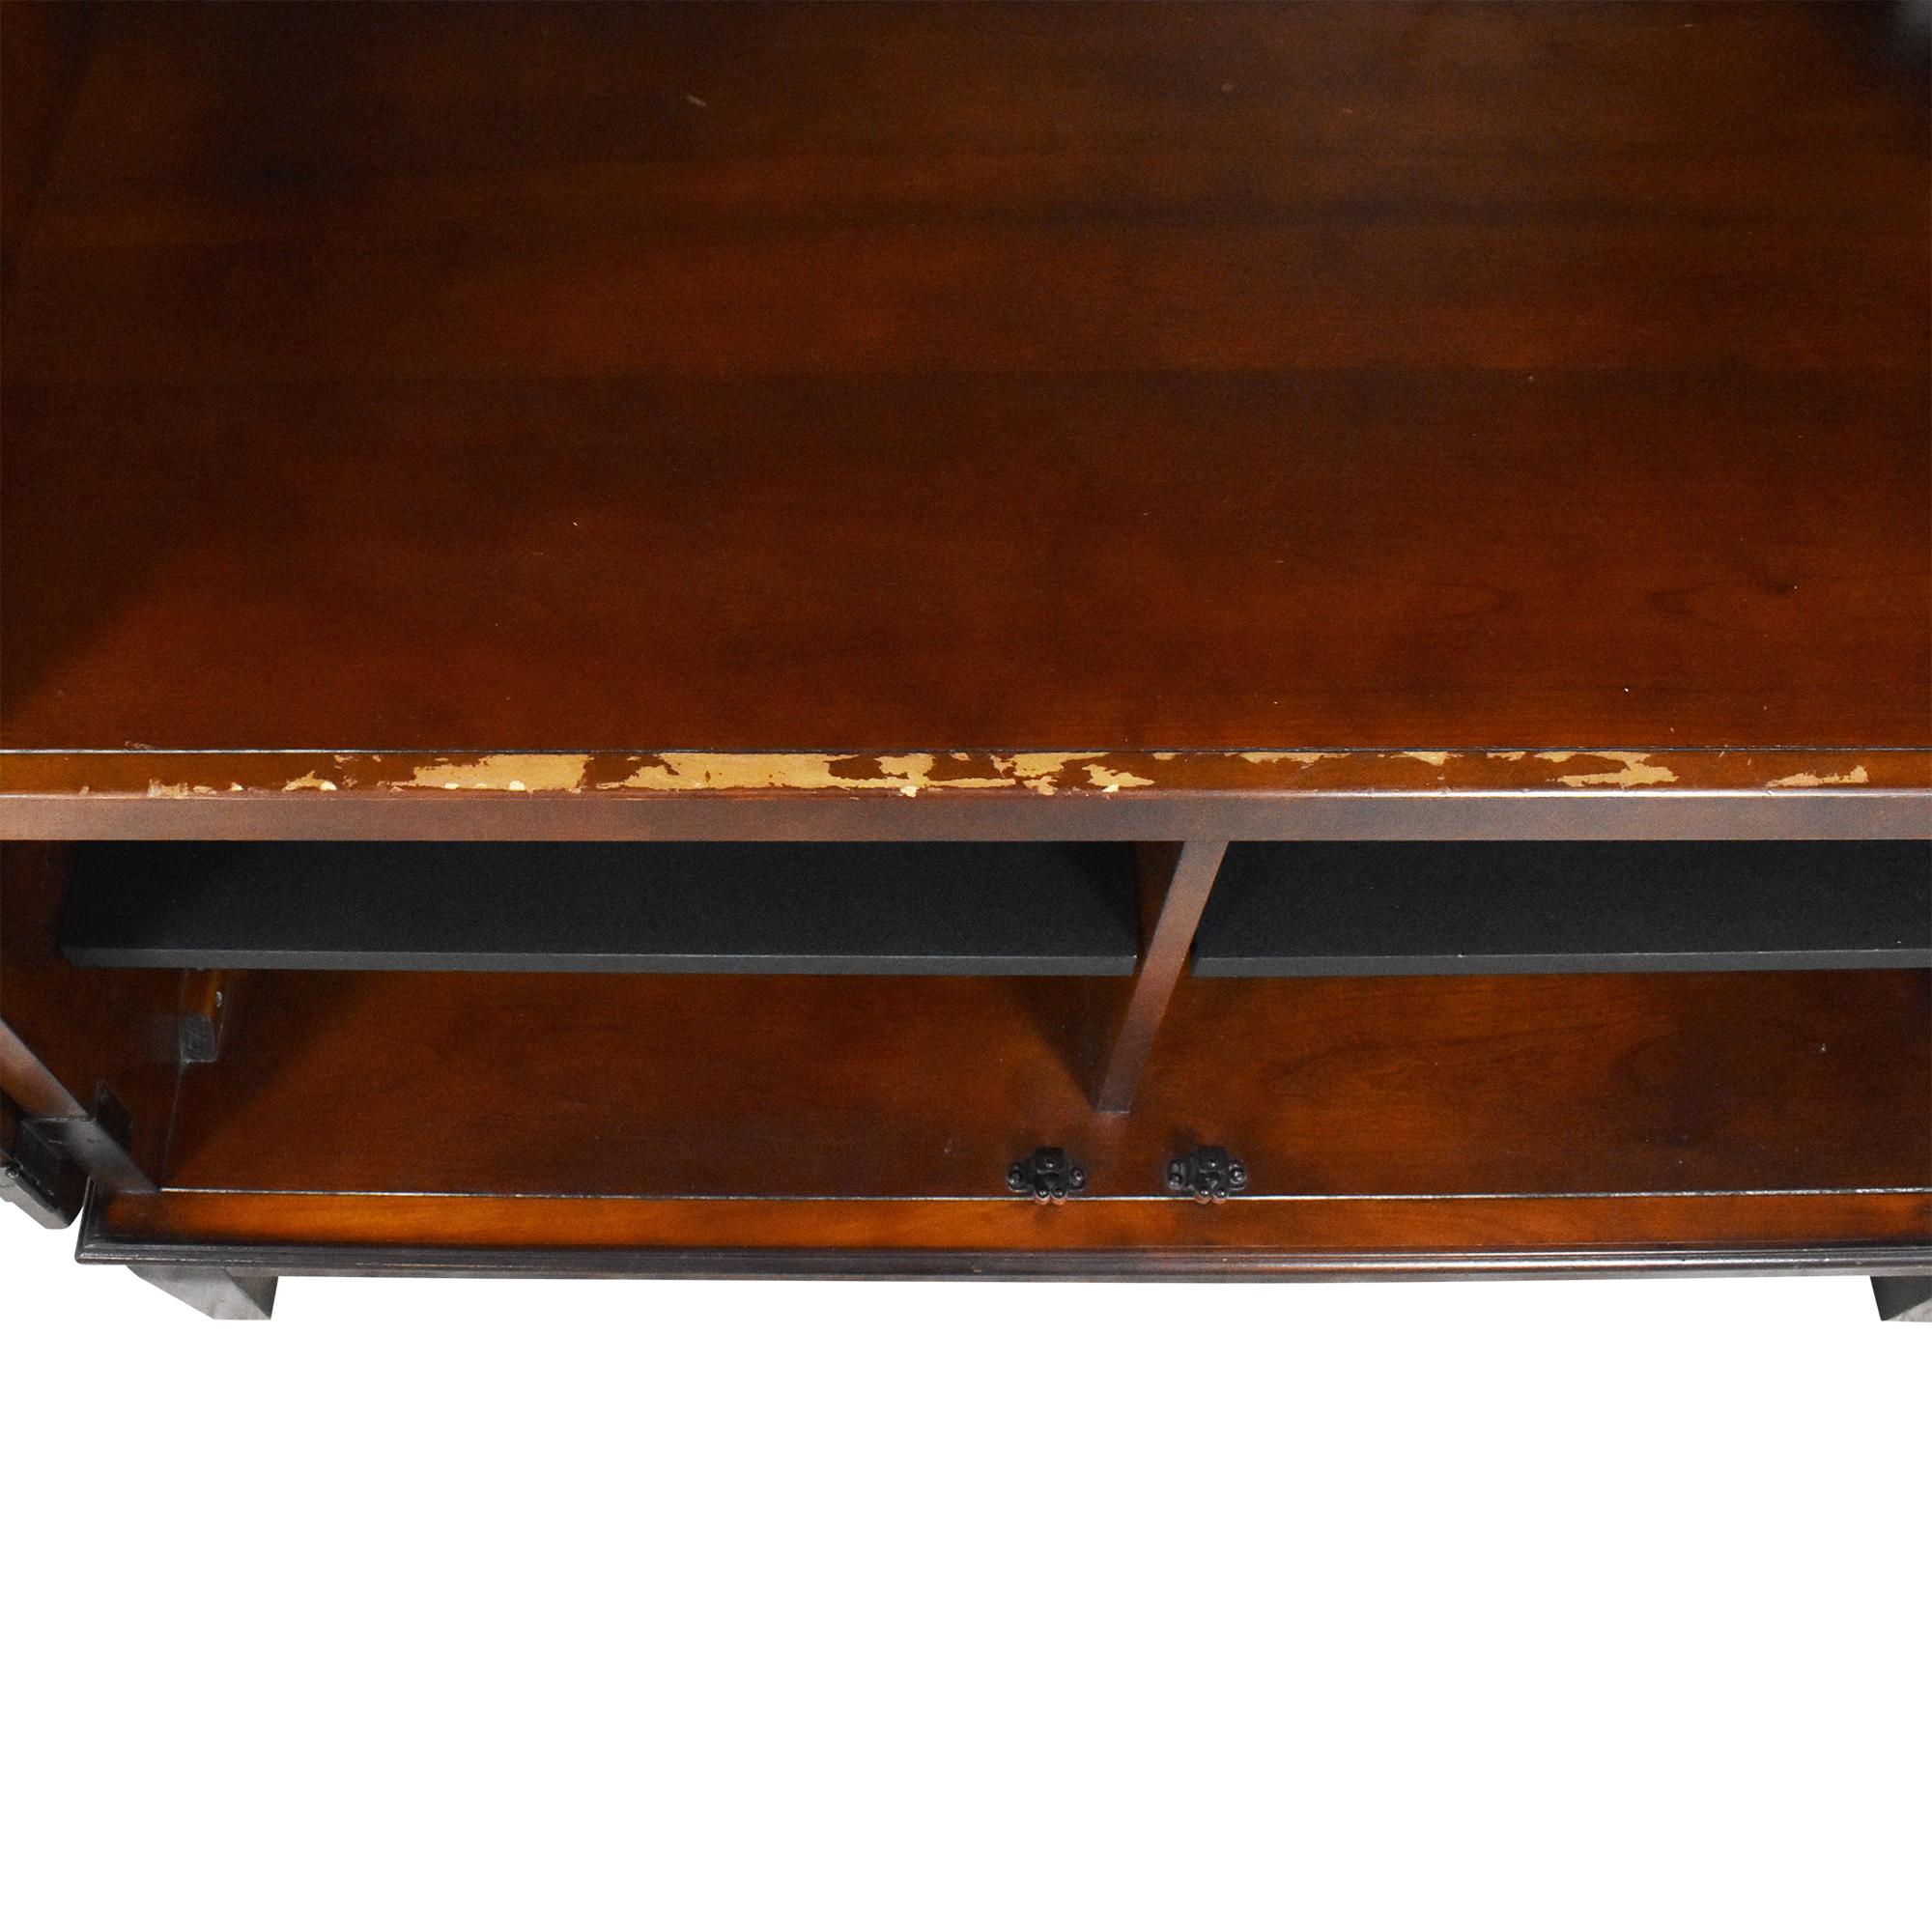 Hooker Furniture Hooker Media Armoire on sale